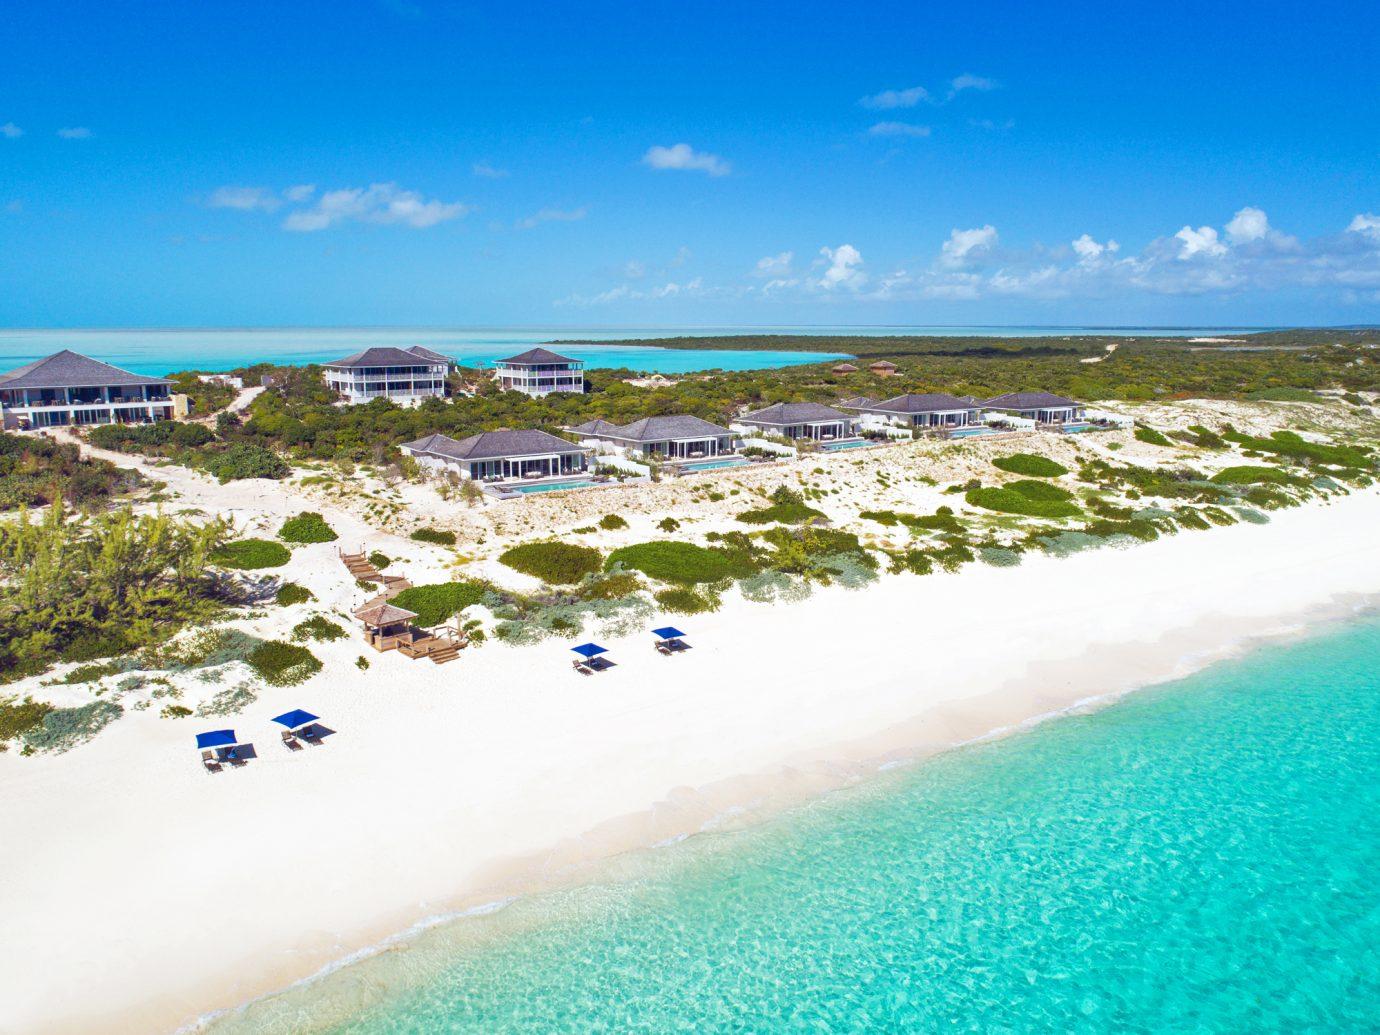 Aerial view of SailRock Resort